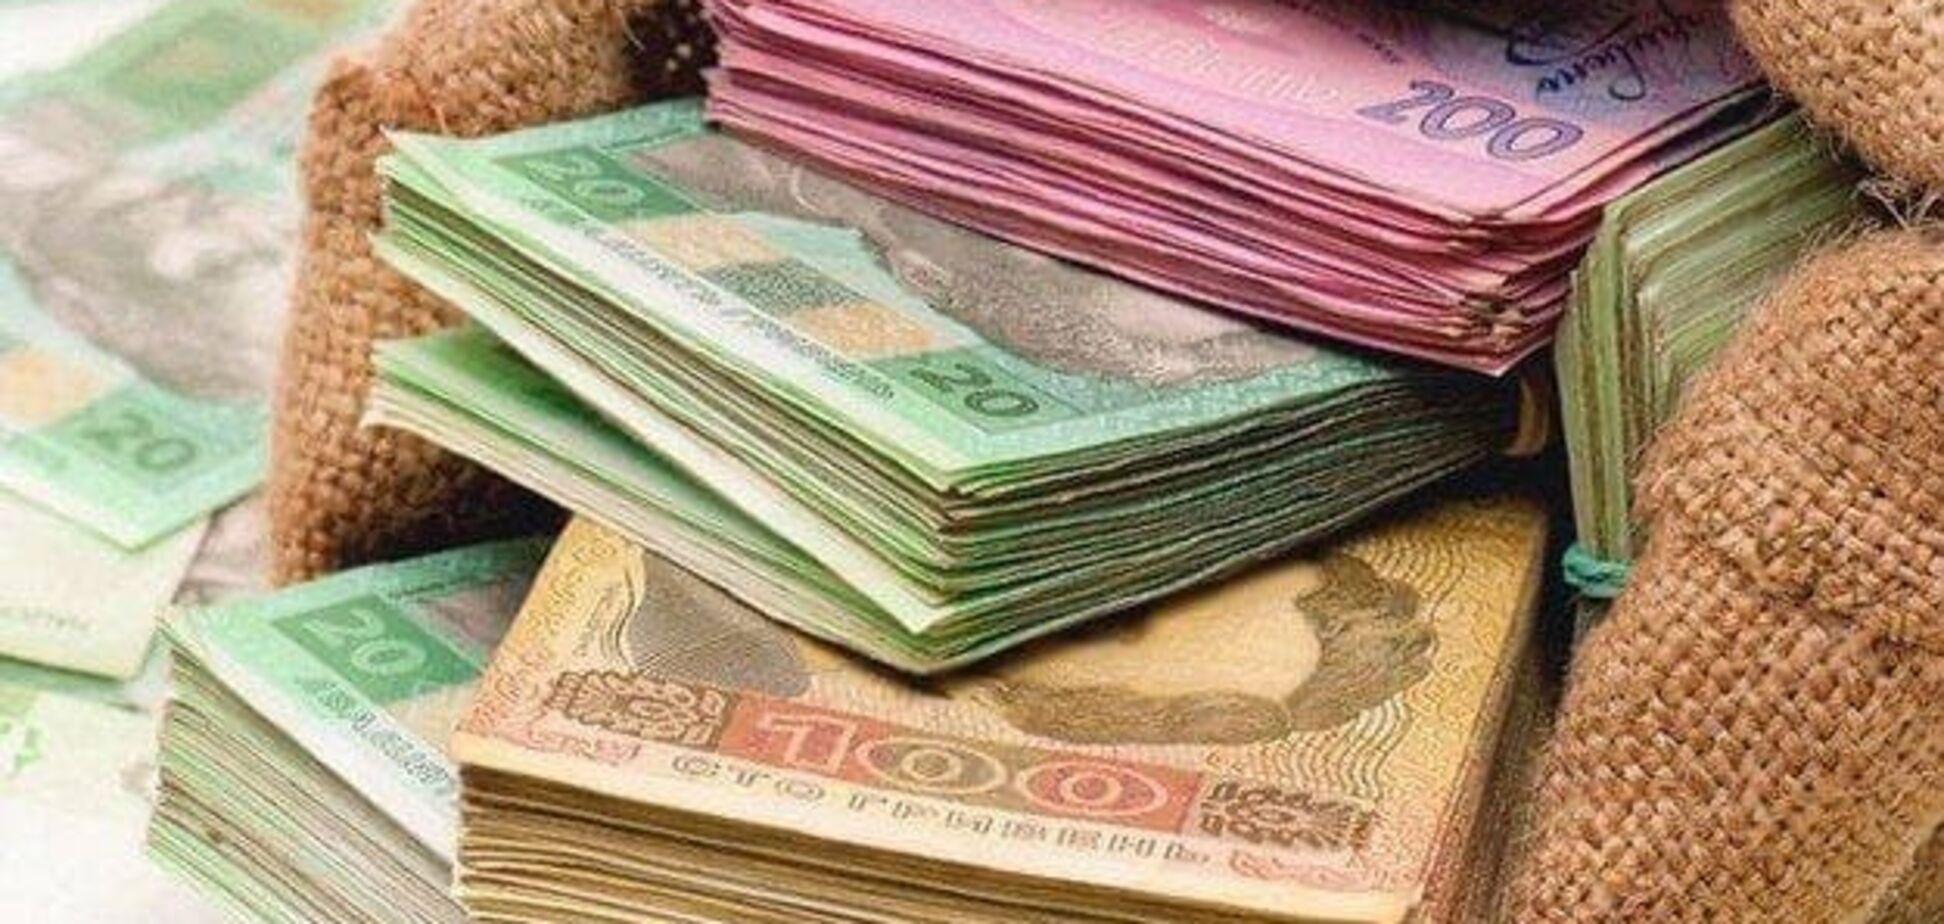 У Києві керівники держпідприємства розікрали кошти на тендерних закупівлях